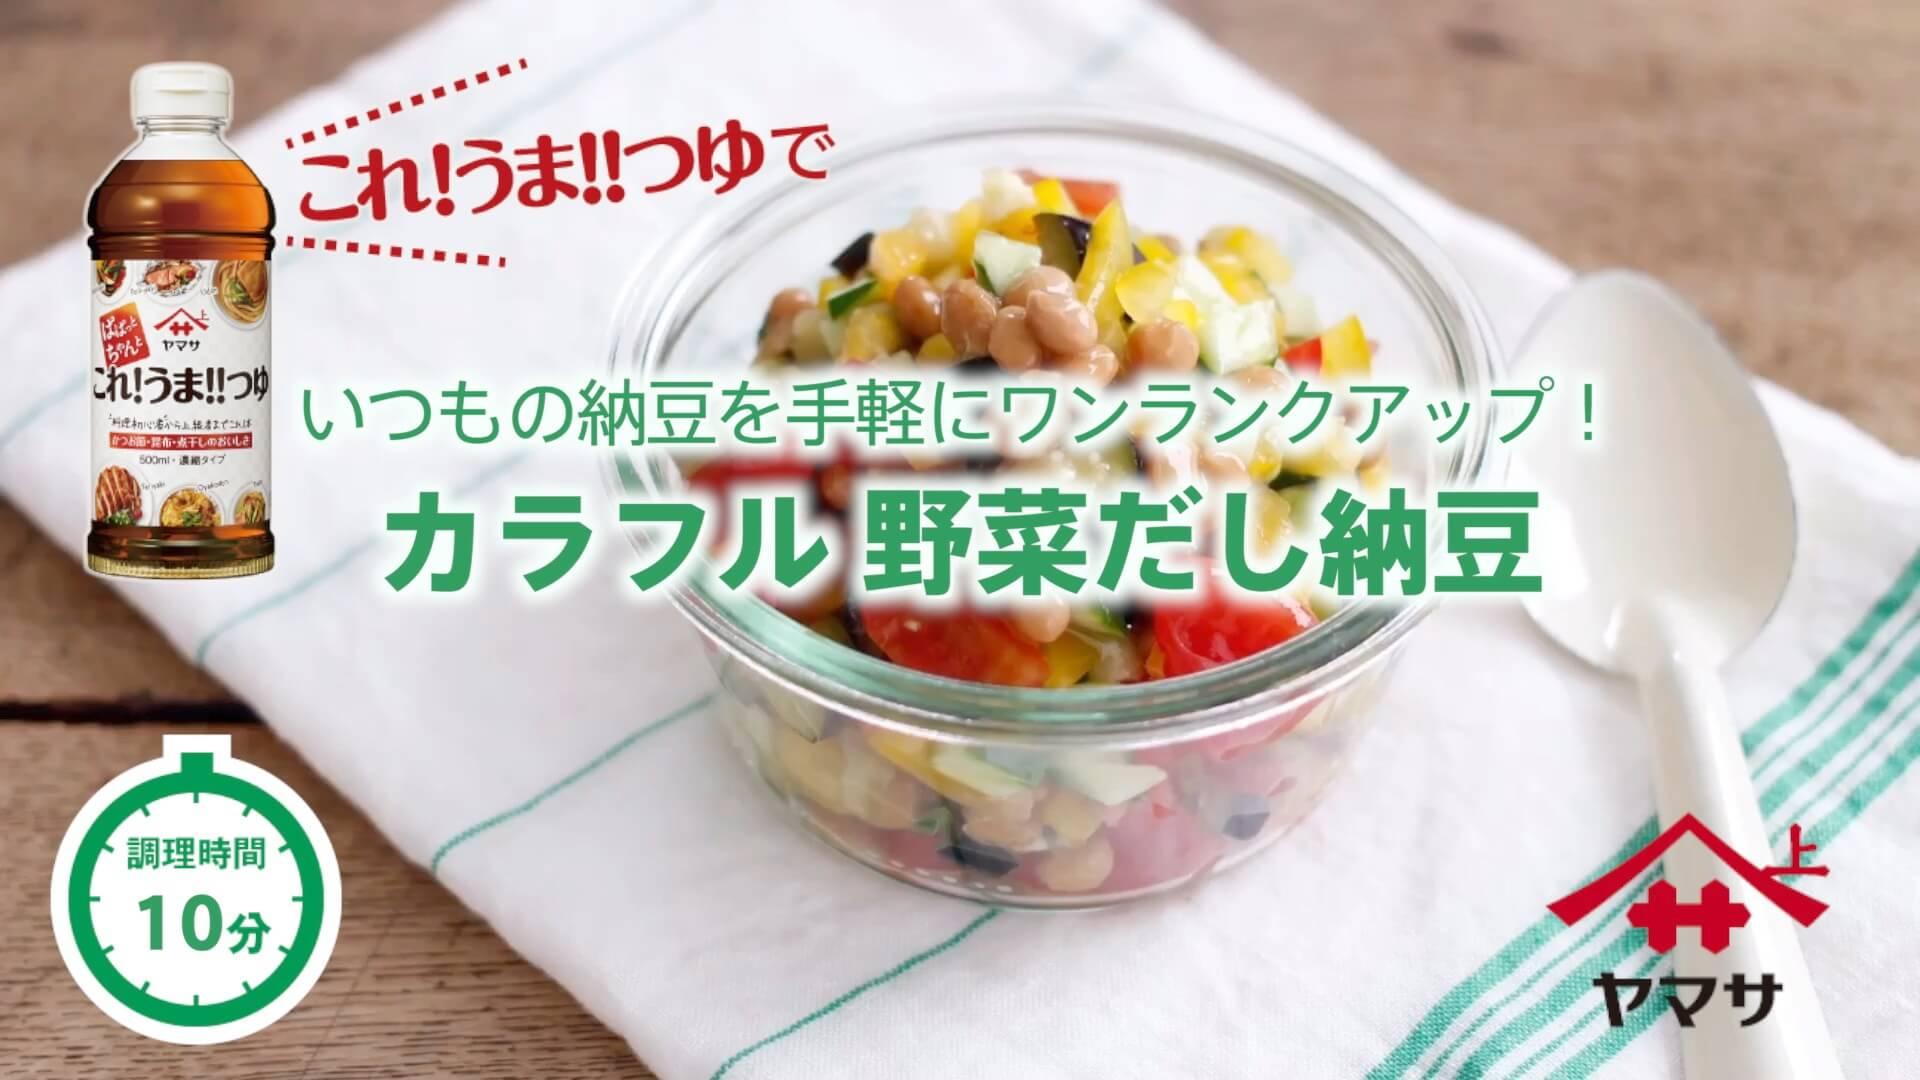 カラフル野菜だし納豆